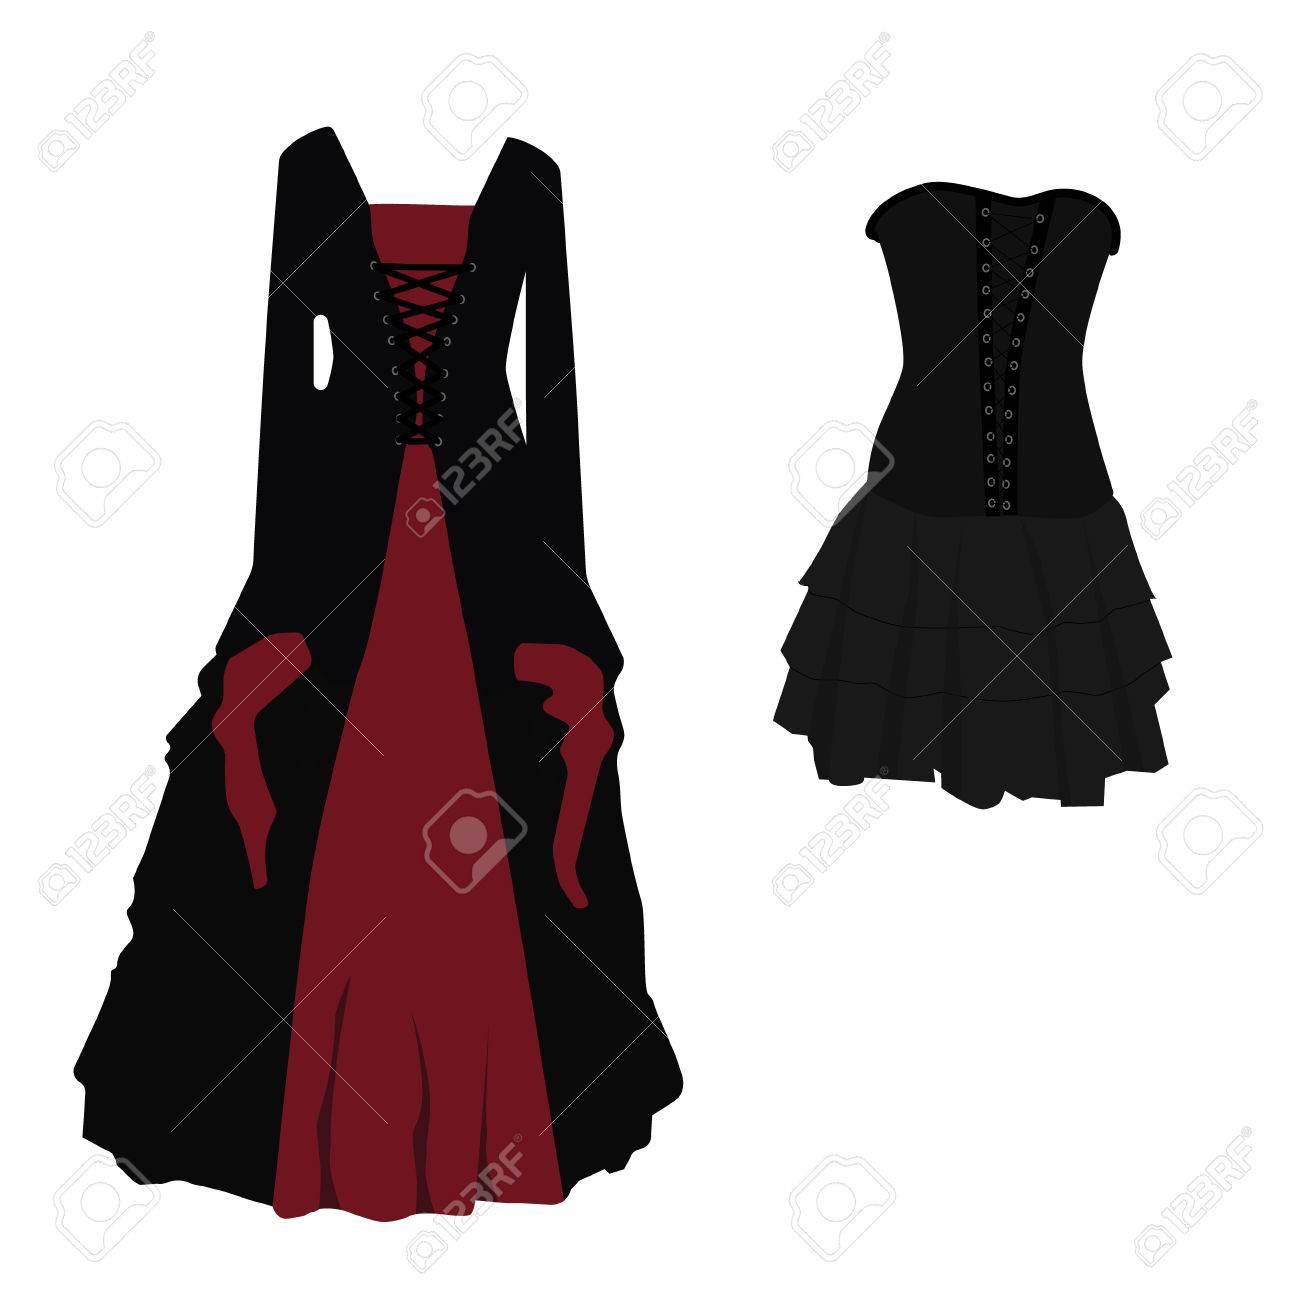 Vestidos goticos negro